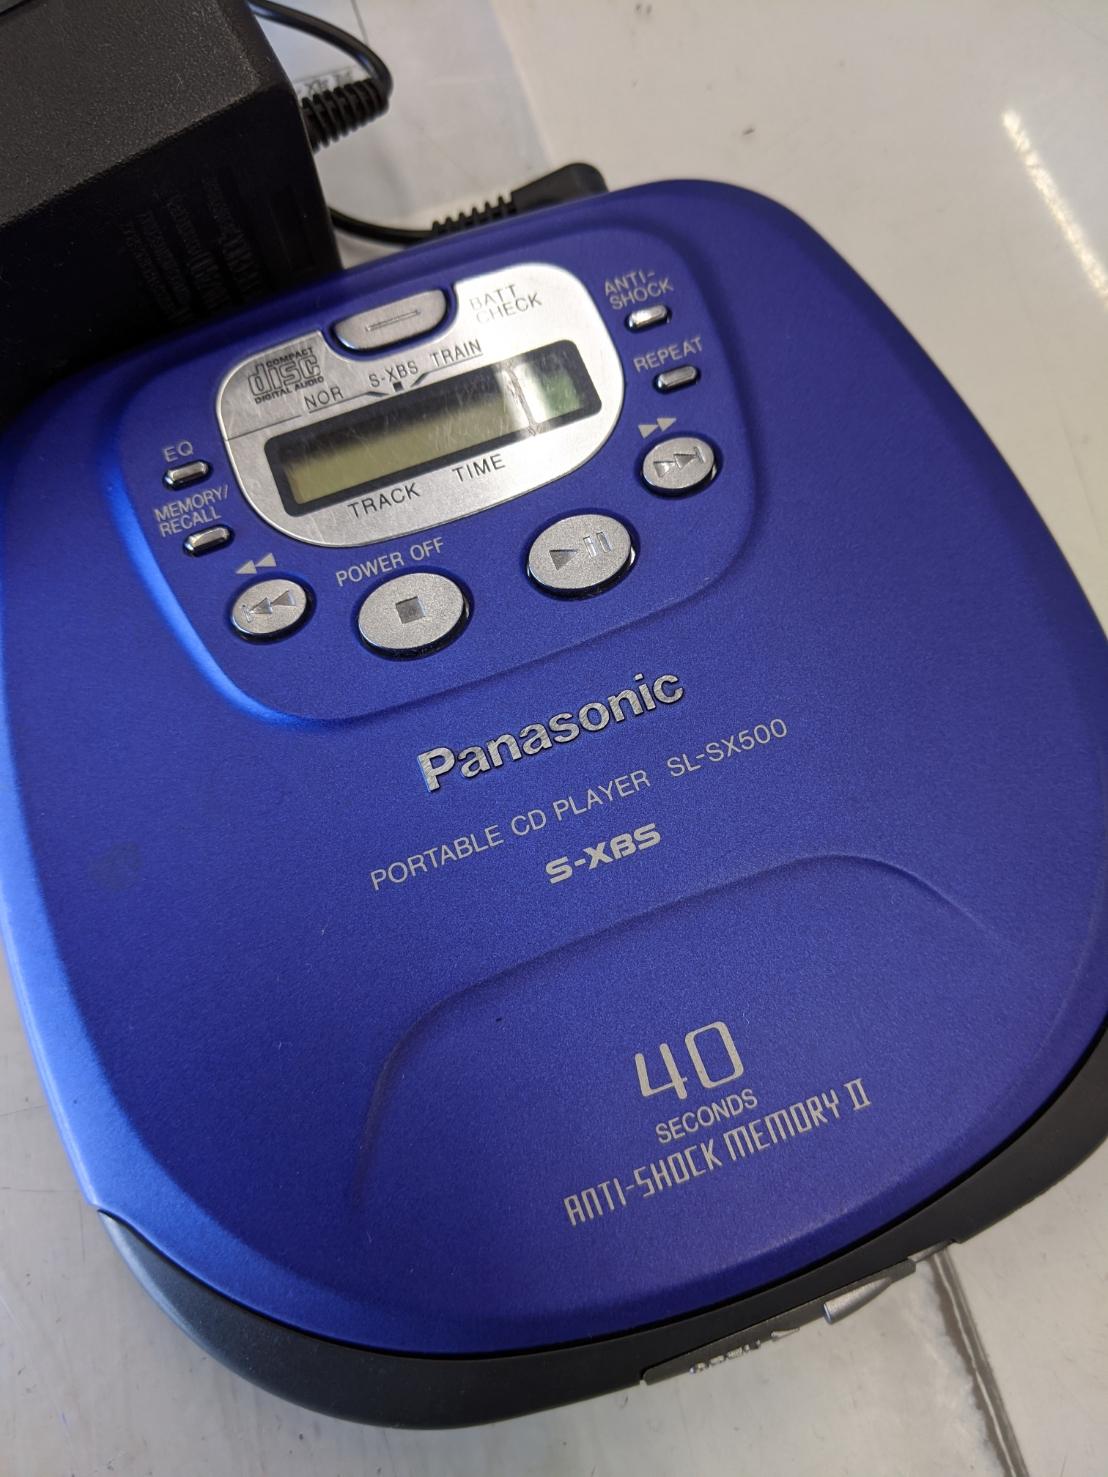 【Panasonic ポータブルCDプレーヤー SL-SX500】の買取-